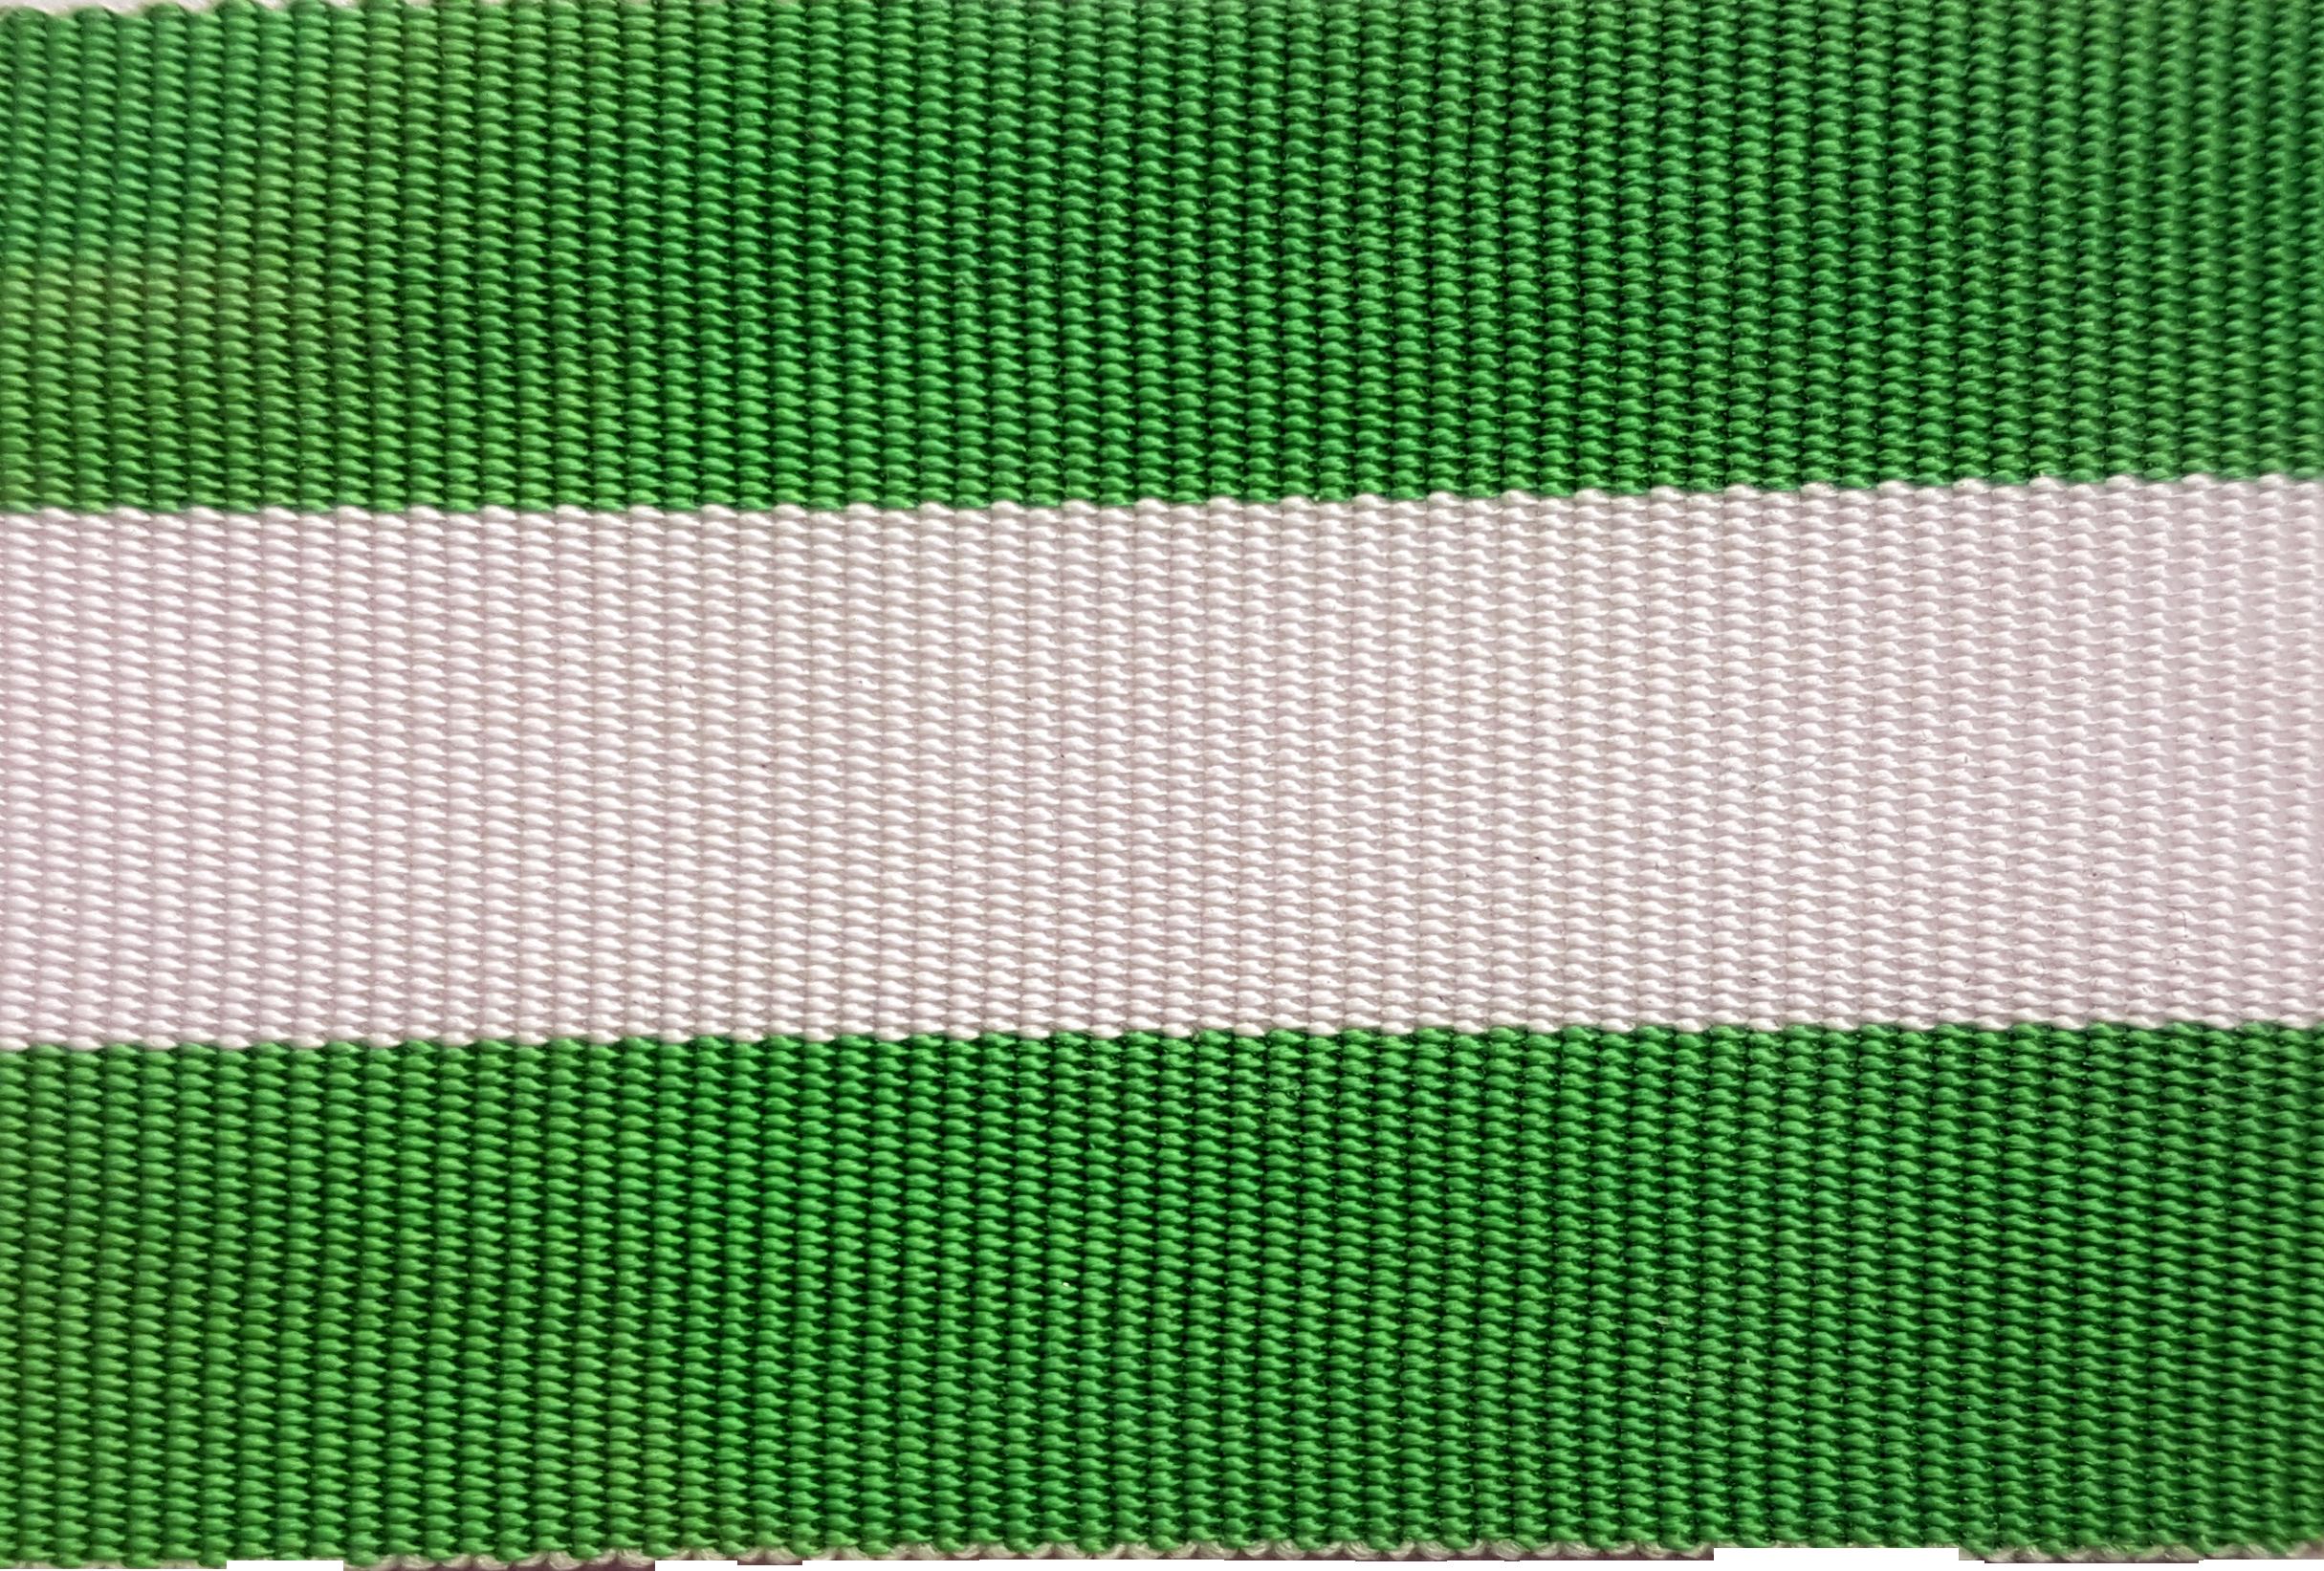 Naturvetenskapliga Föreningens frackband   NFs frackband kan bäras av alla nuvarande och tidigare medlemmar i Naturvetenskapliga Föreningen.  Köp NFs frackband i Campusbutiken i Allhuset: 50kr